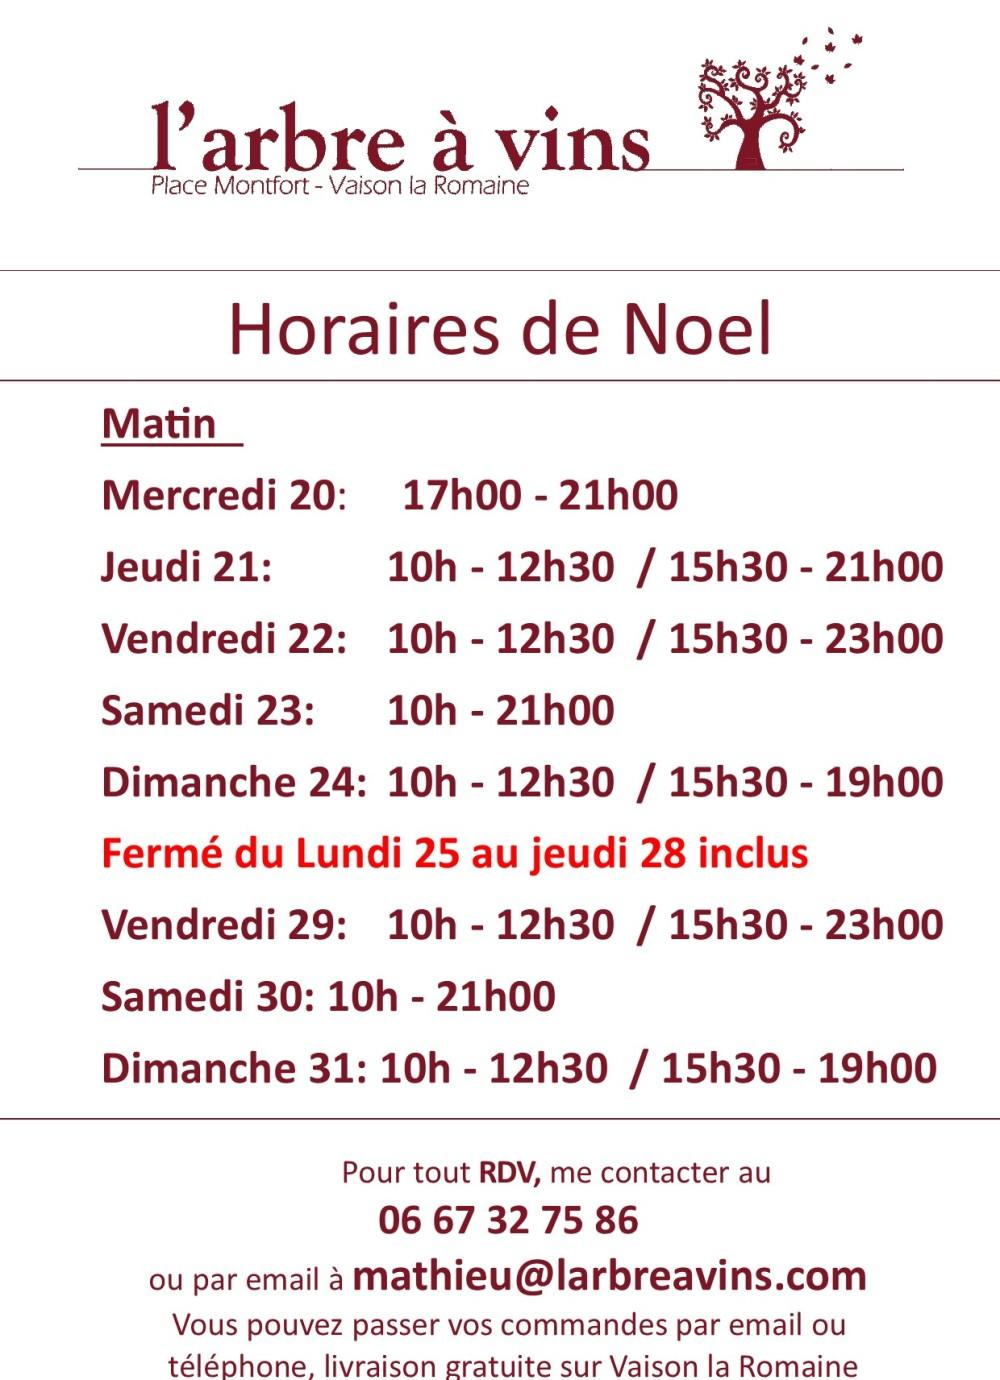 horaires noel